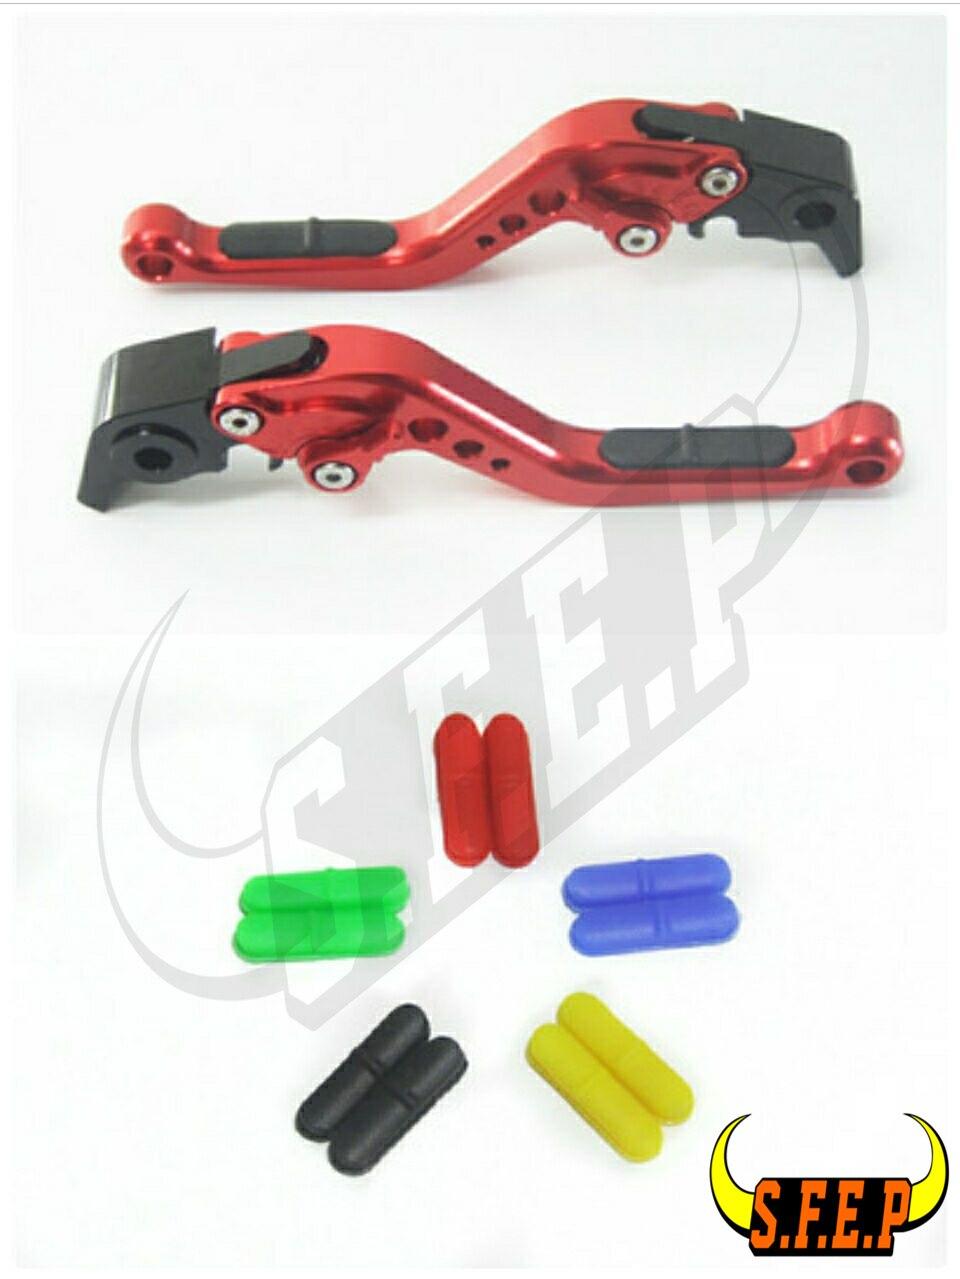 ЧПУ Регулируемая мотоцикл тормоза и сцепления рычаги с противоскользящим для Suzuki DL650/V в-СТРОМ 2004-2010